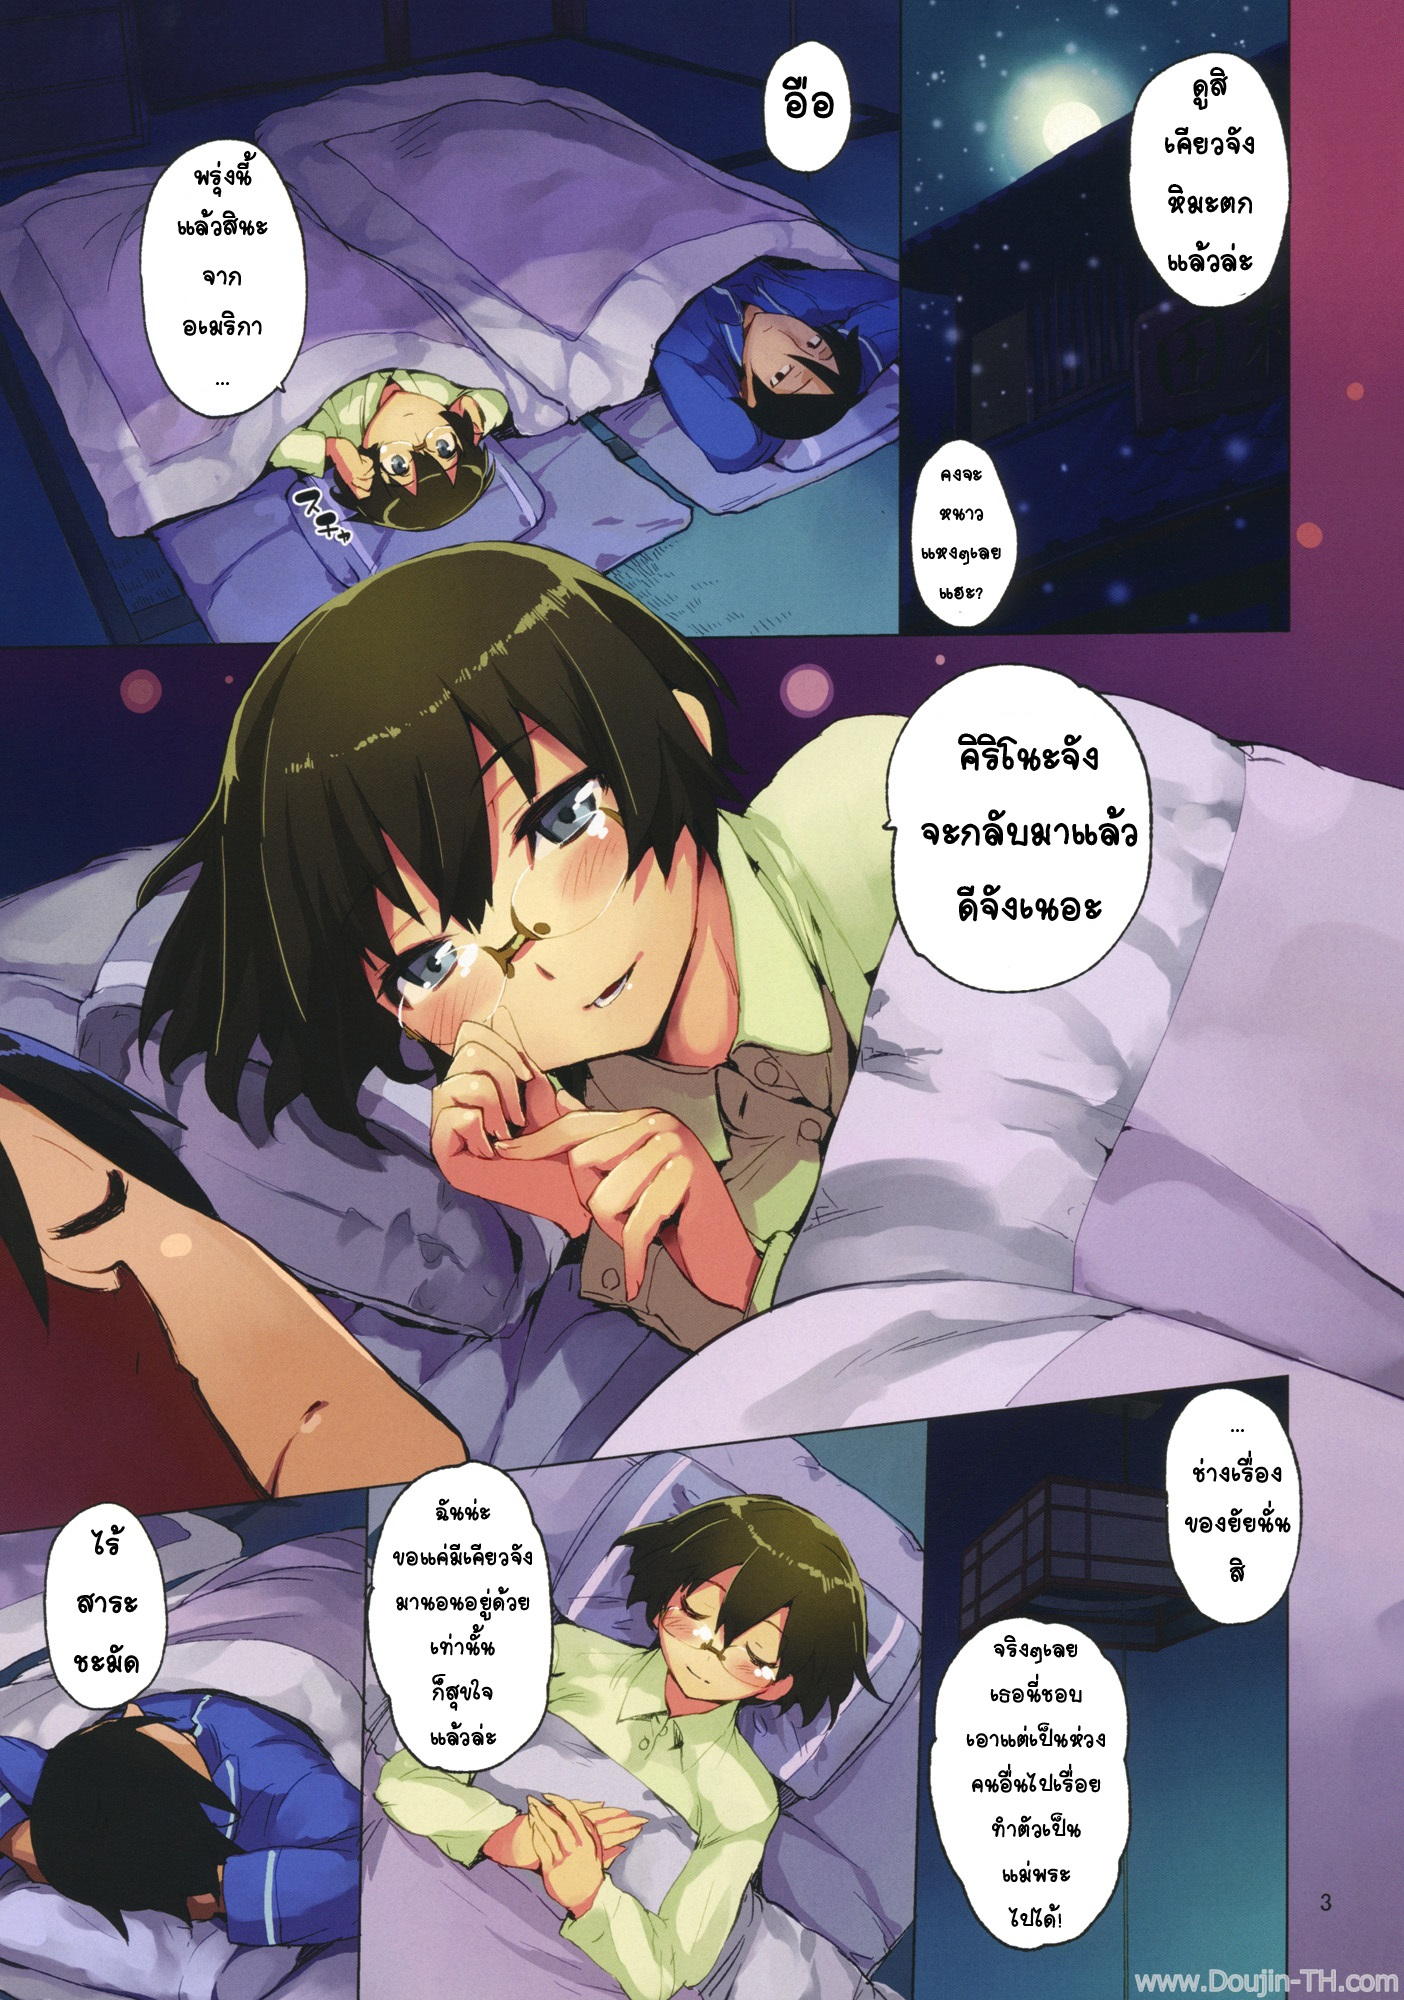 นอนไม่หลับ จับกดให้นอน - หน้า 1